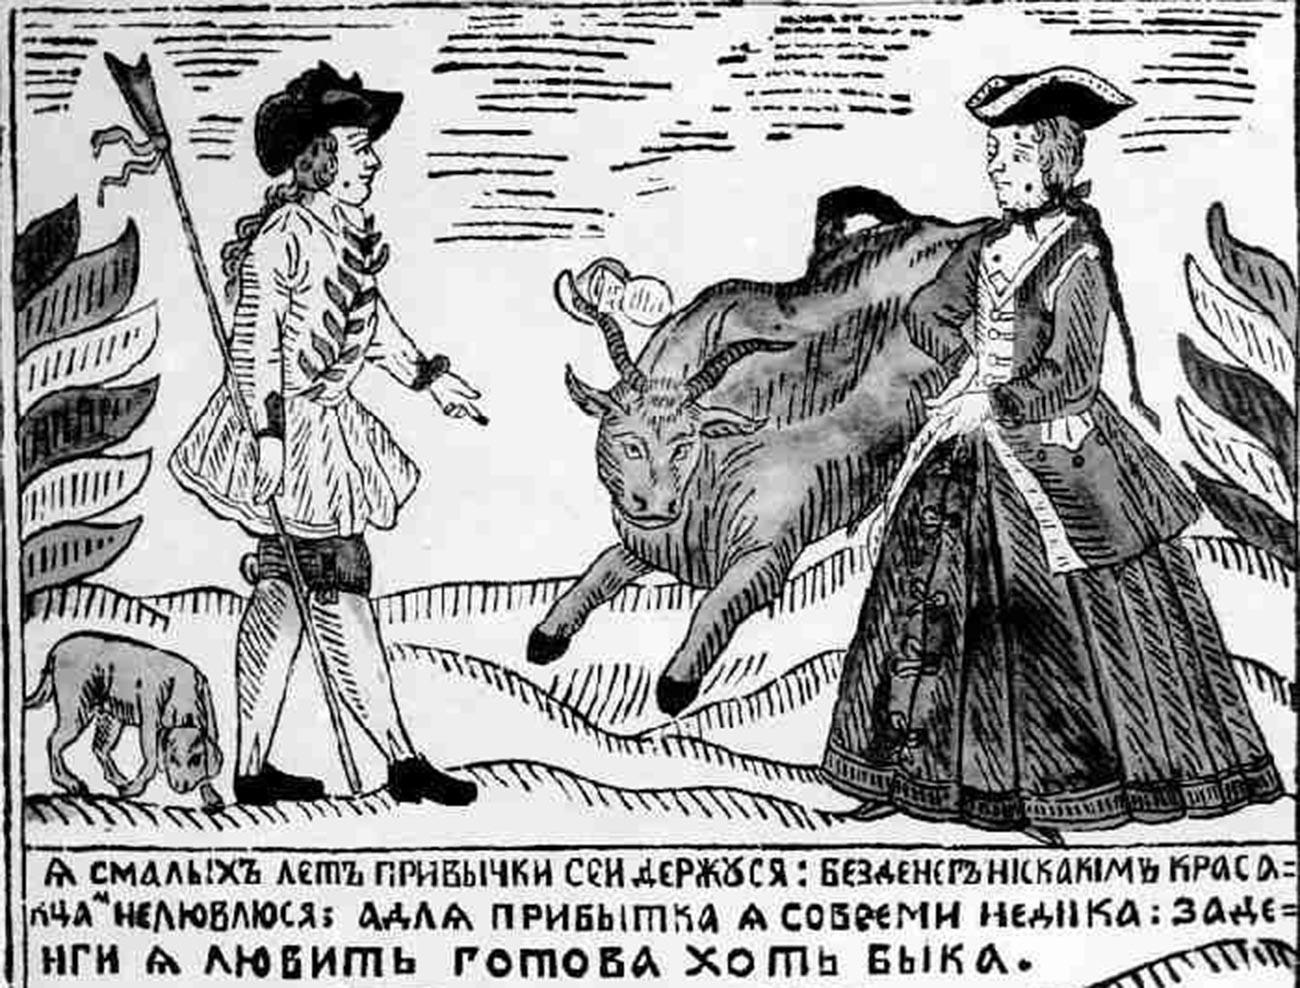 Лубок «Франт и продажная франтиха», XVIII век. «Я с малых лет привычки сей держуся: без денег ни с каким красавцем не люблюся; а для прибытка я совсем не дика: за деньги я любить готова хоть быка».